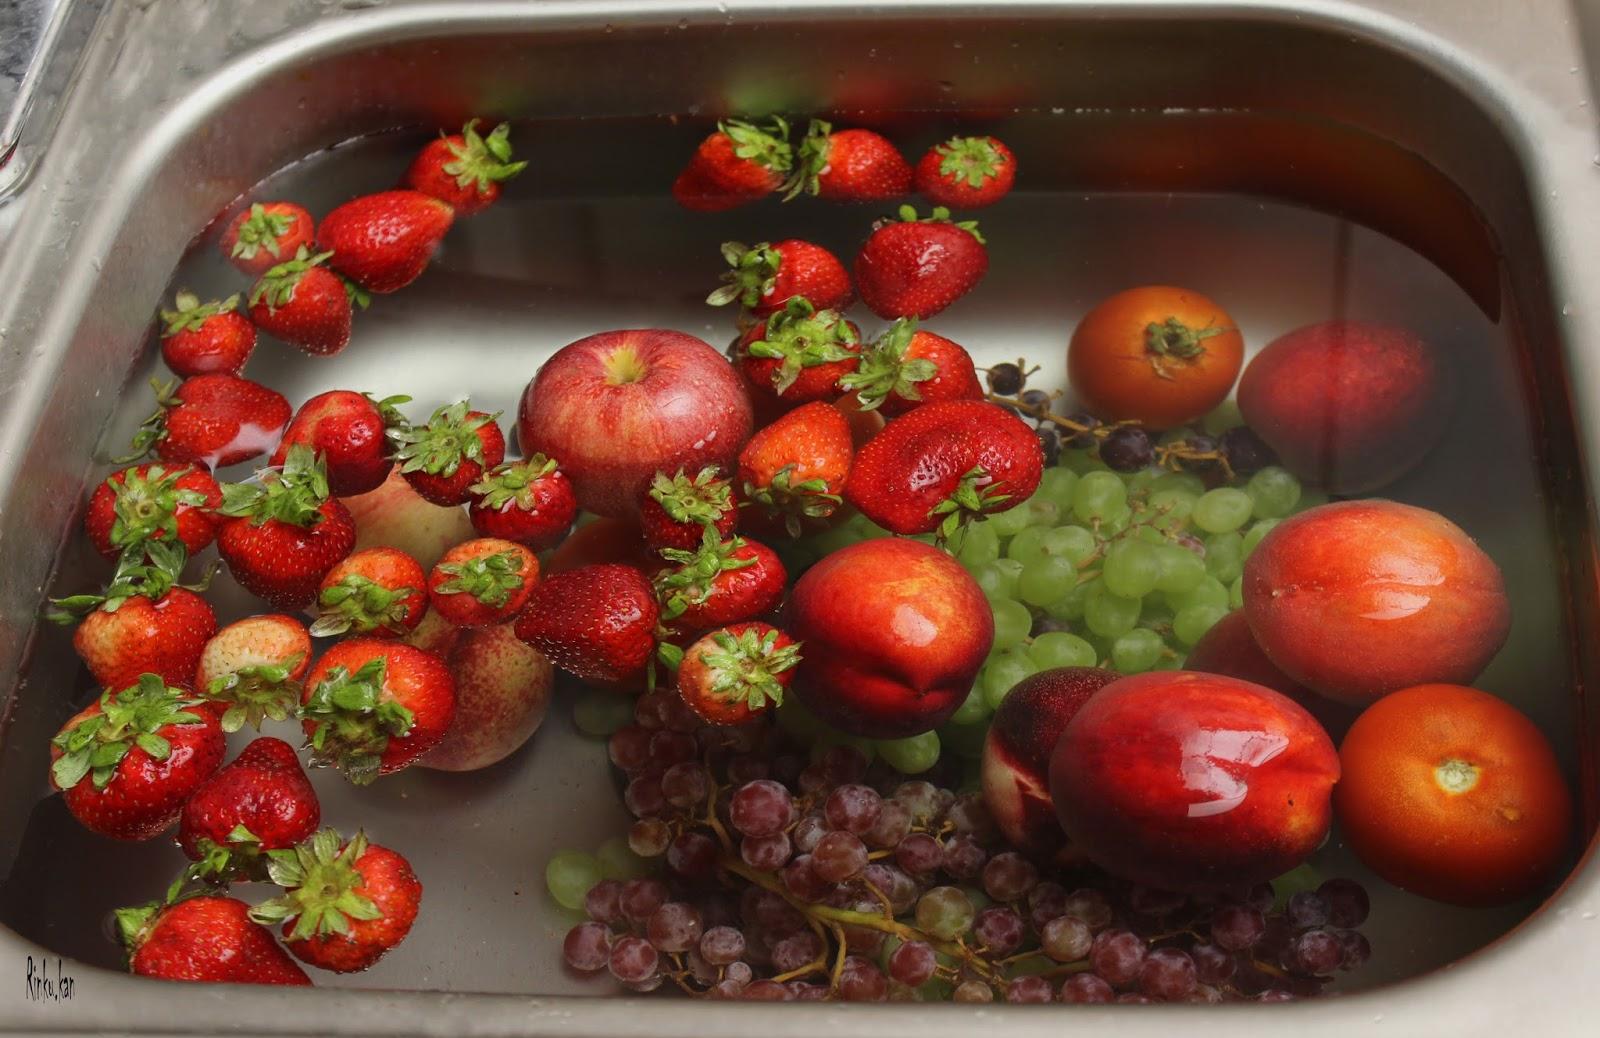 Uklonite što više pesticida s voća i povrća ovim jednostavnim trikovima!